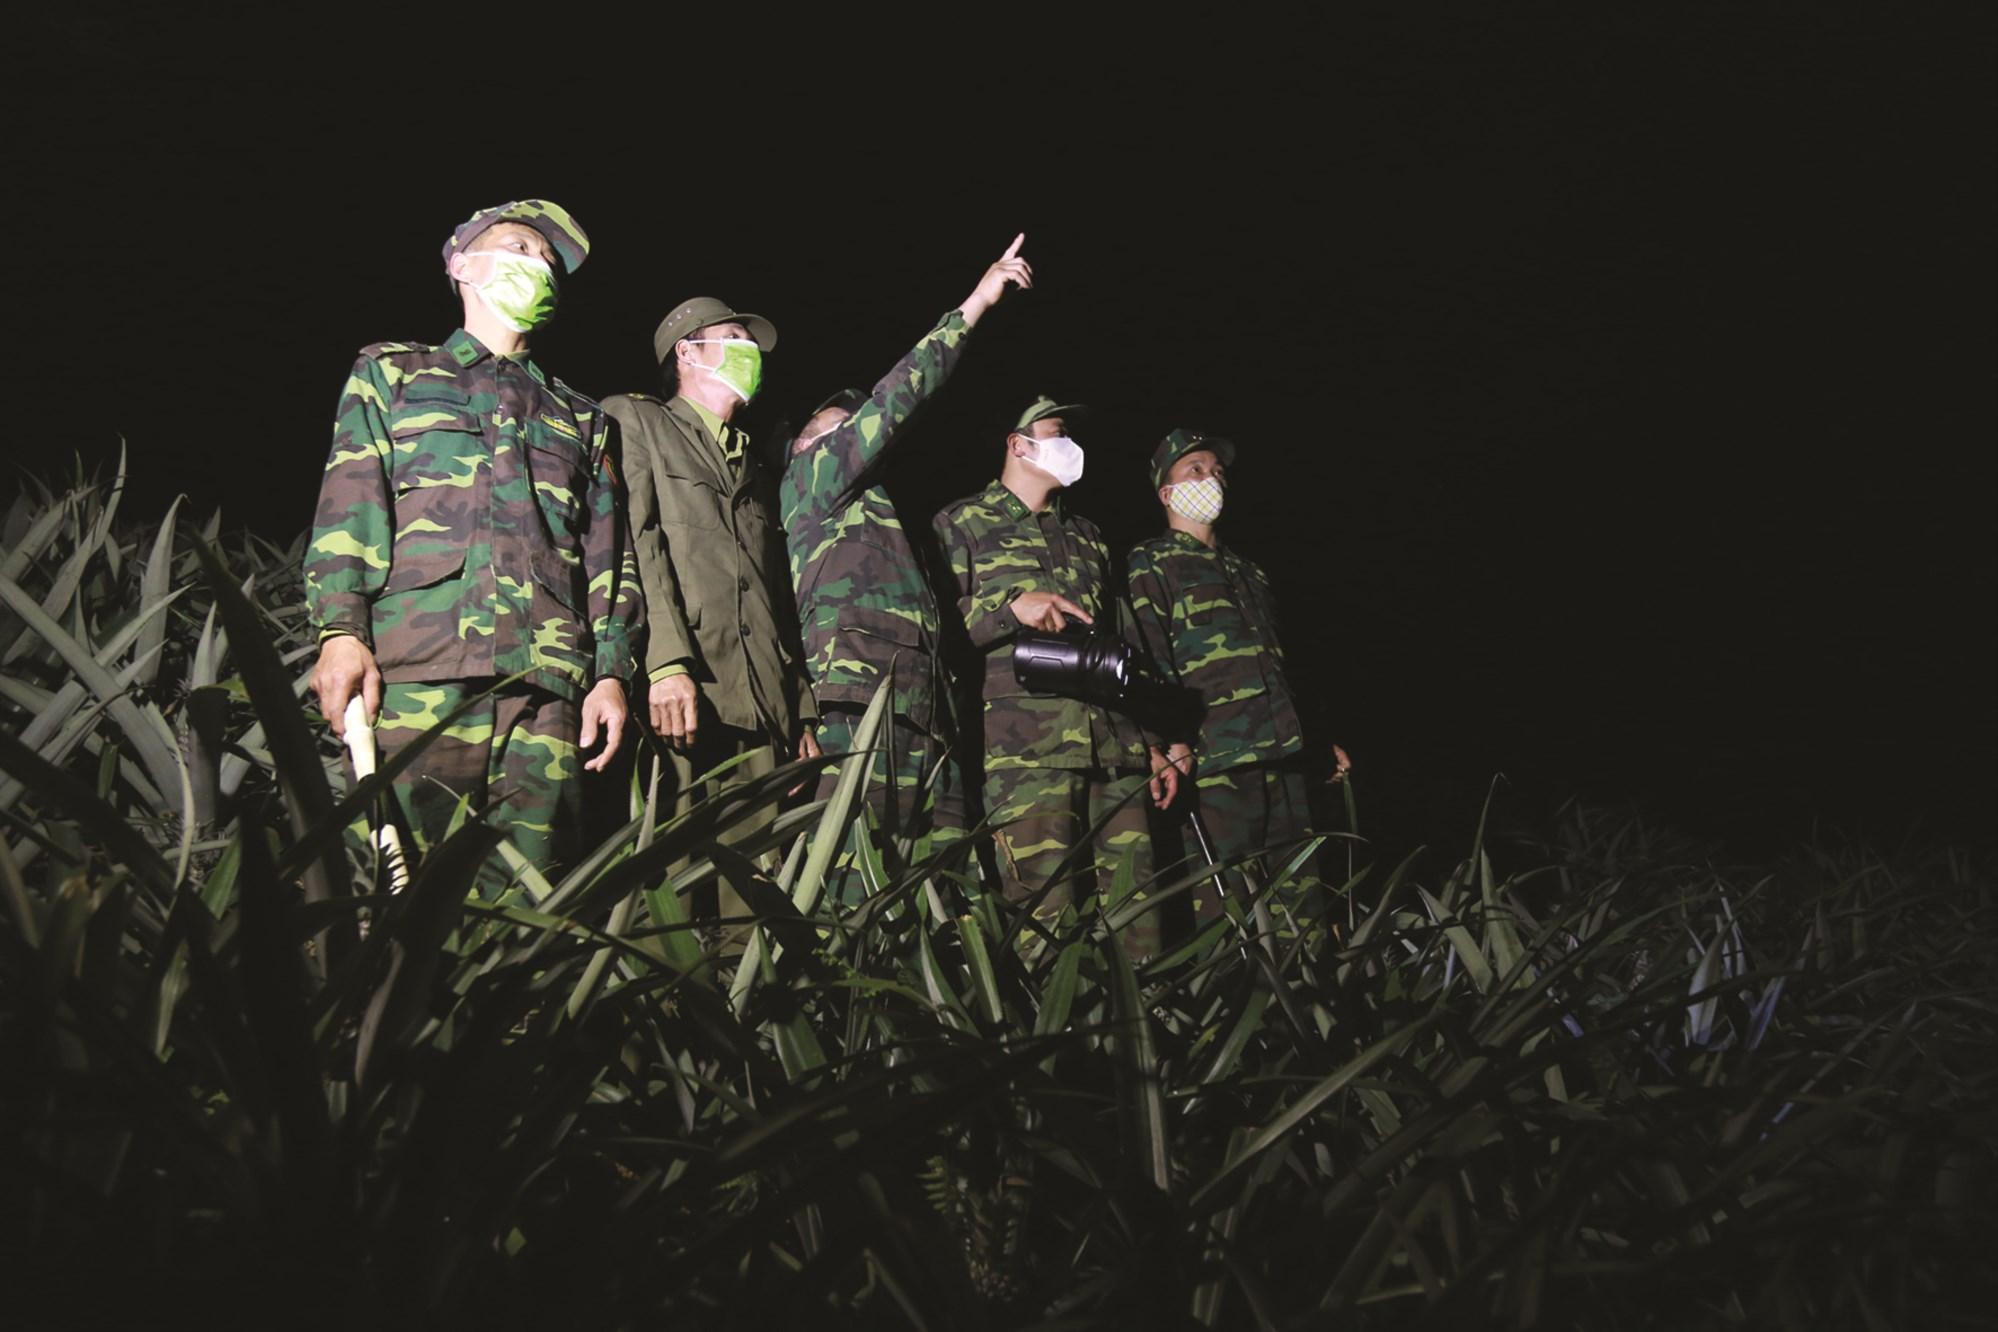 Cán bộ, chiến sĩ Đồn biên phòng Bản Lầu tuần tra trong đêm.